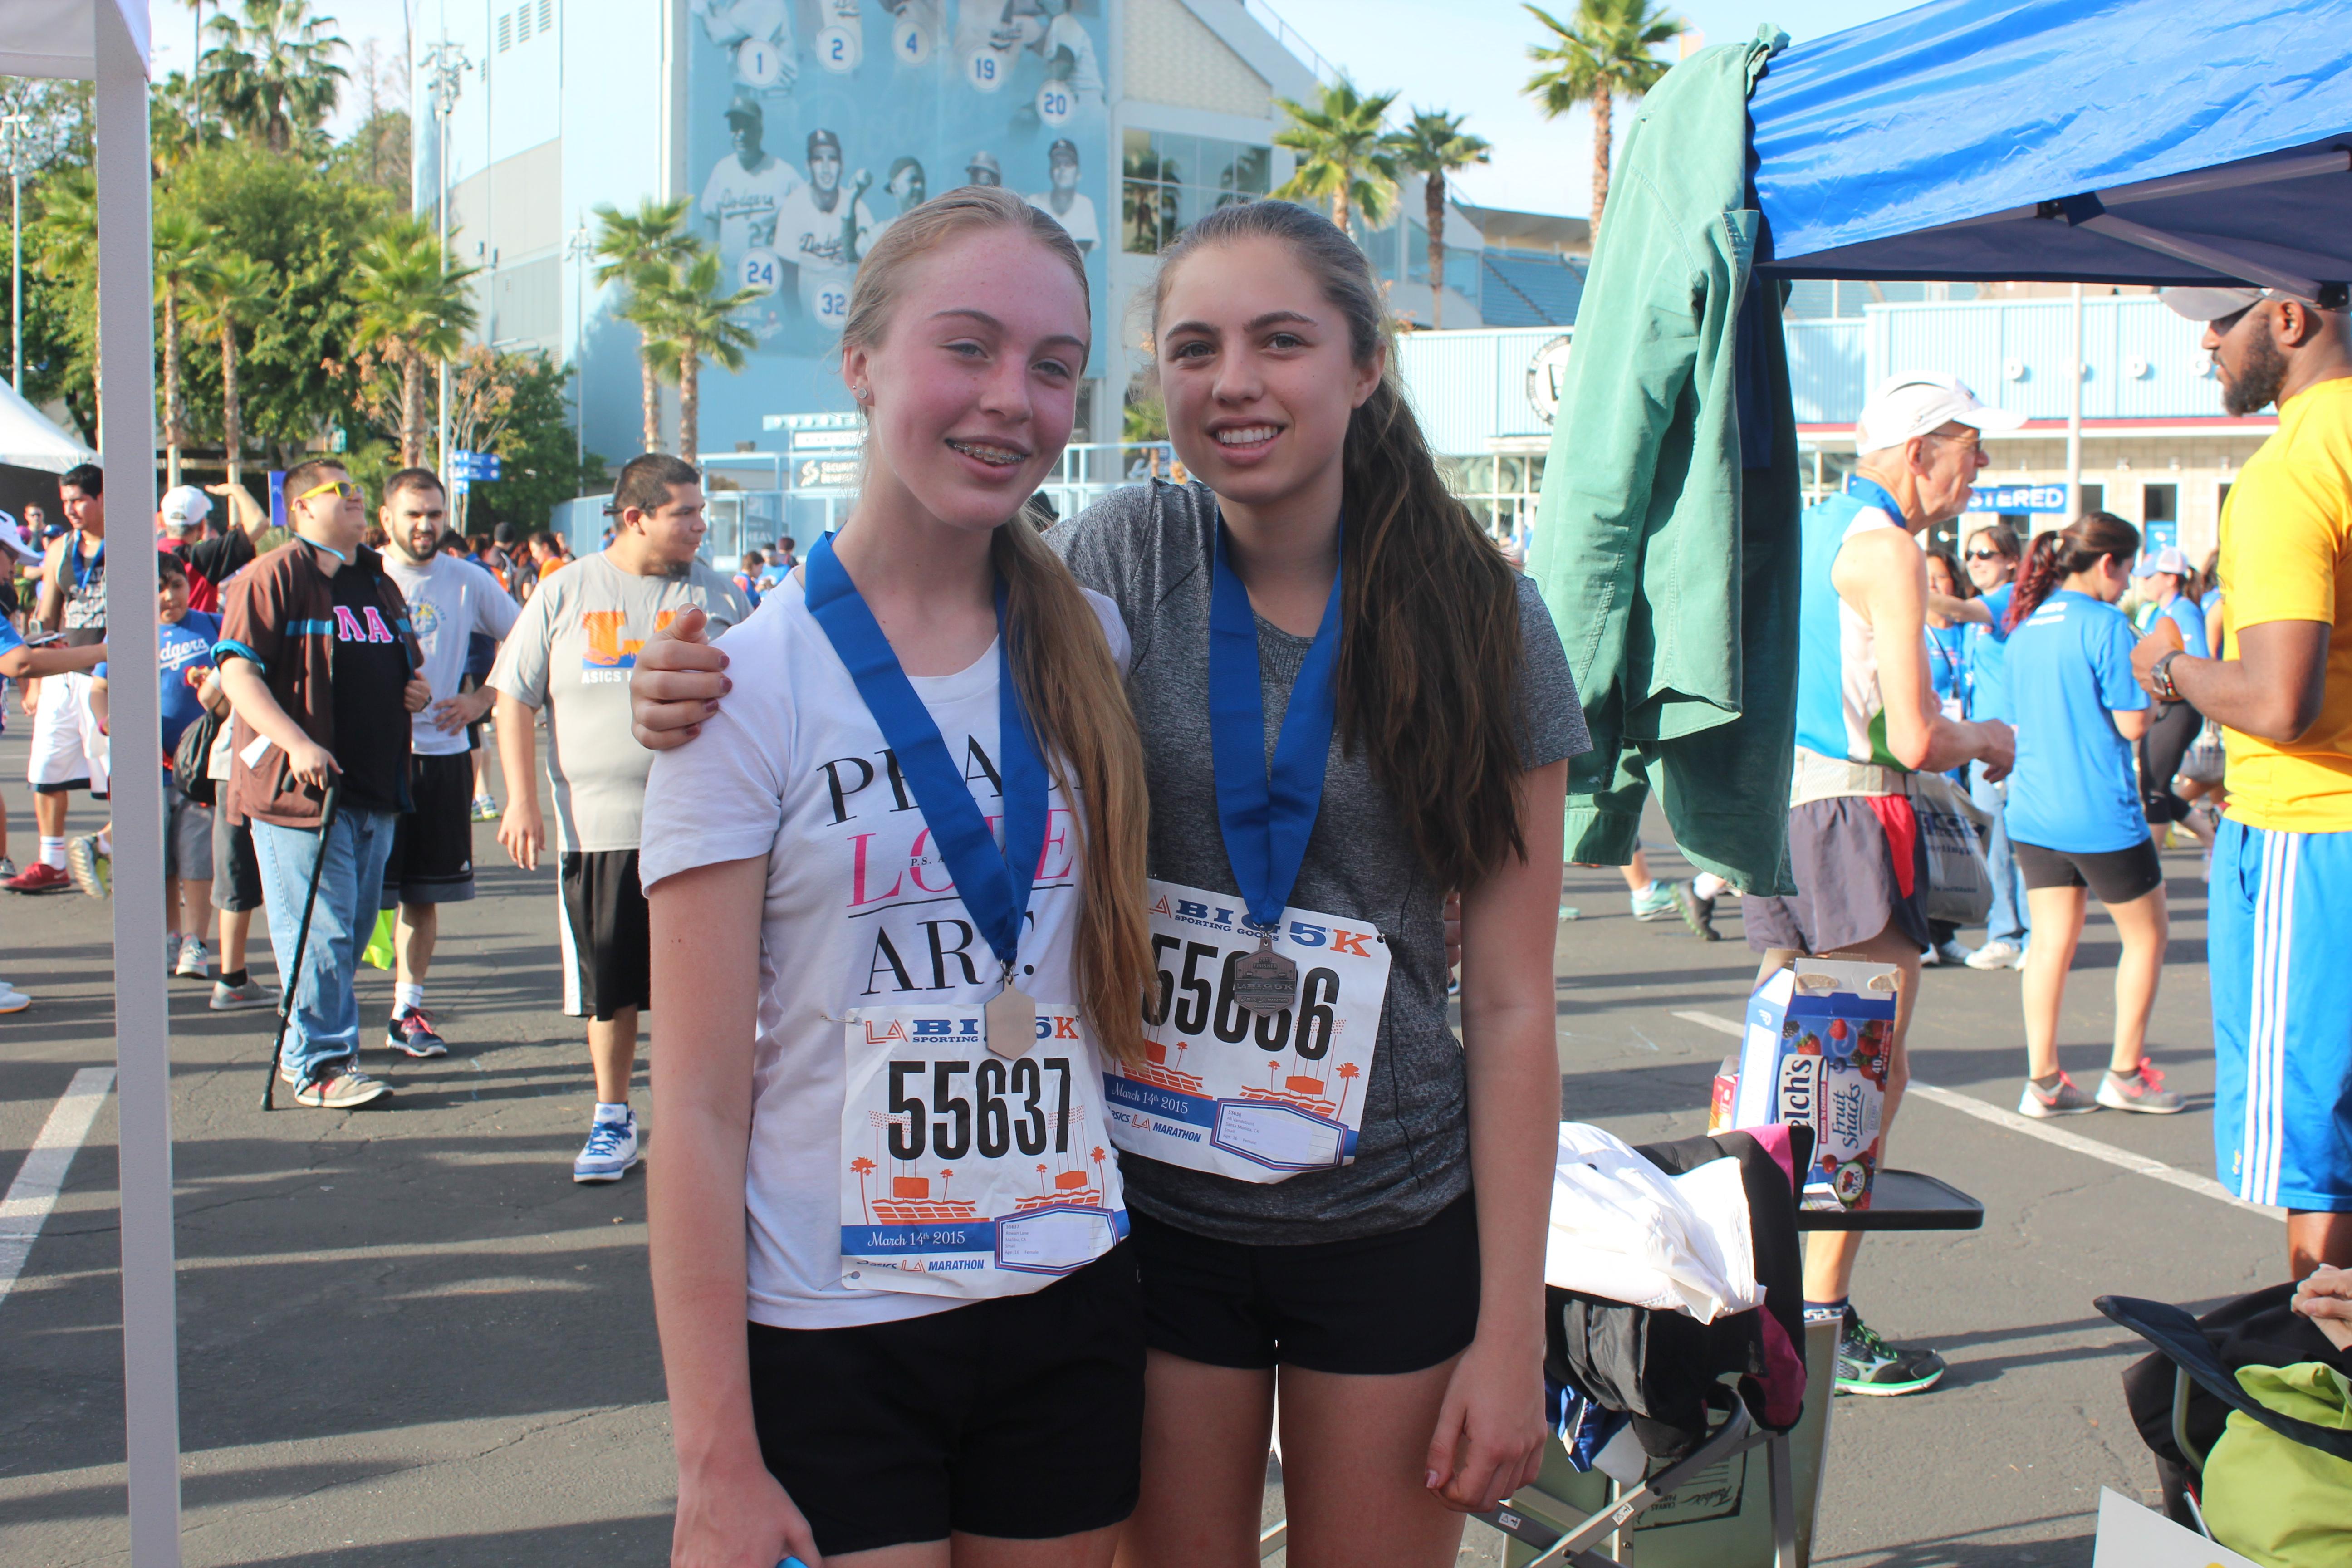 #MarathonMonday | Julian Stern & Ali Van de Bunt